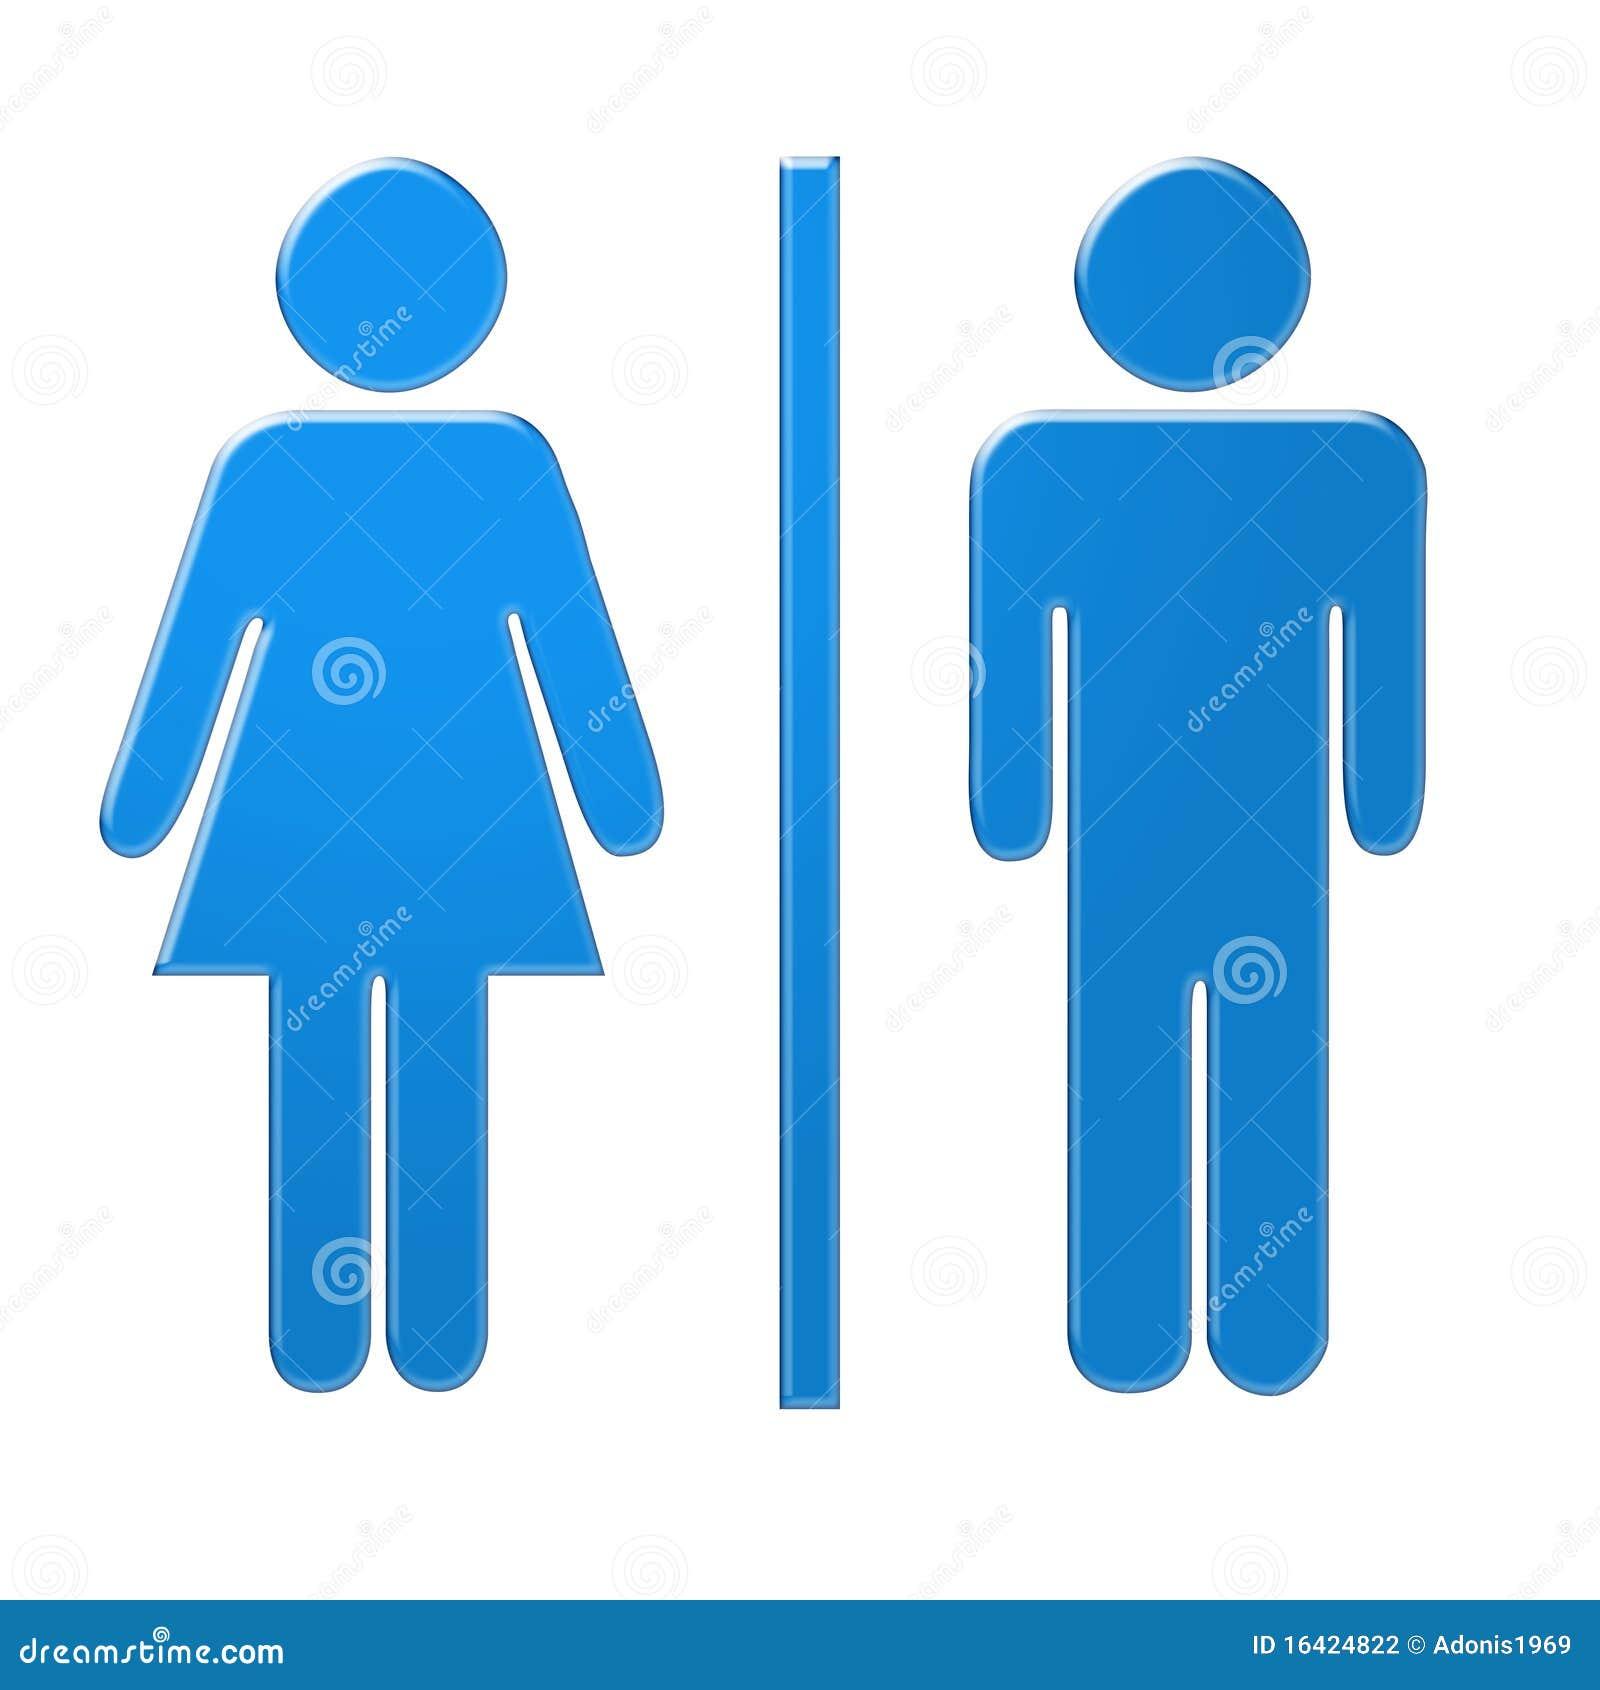 男性女性做爱片_女性男性符号 图库摄影 - 图片: 16424822